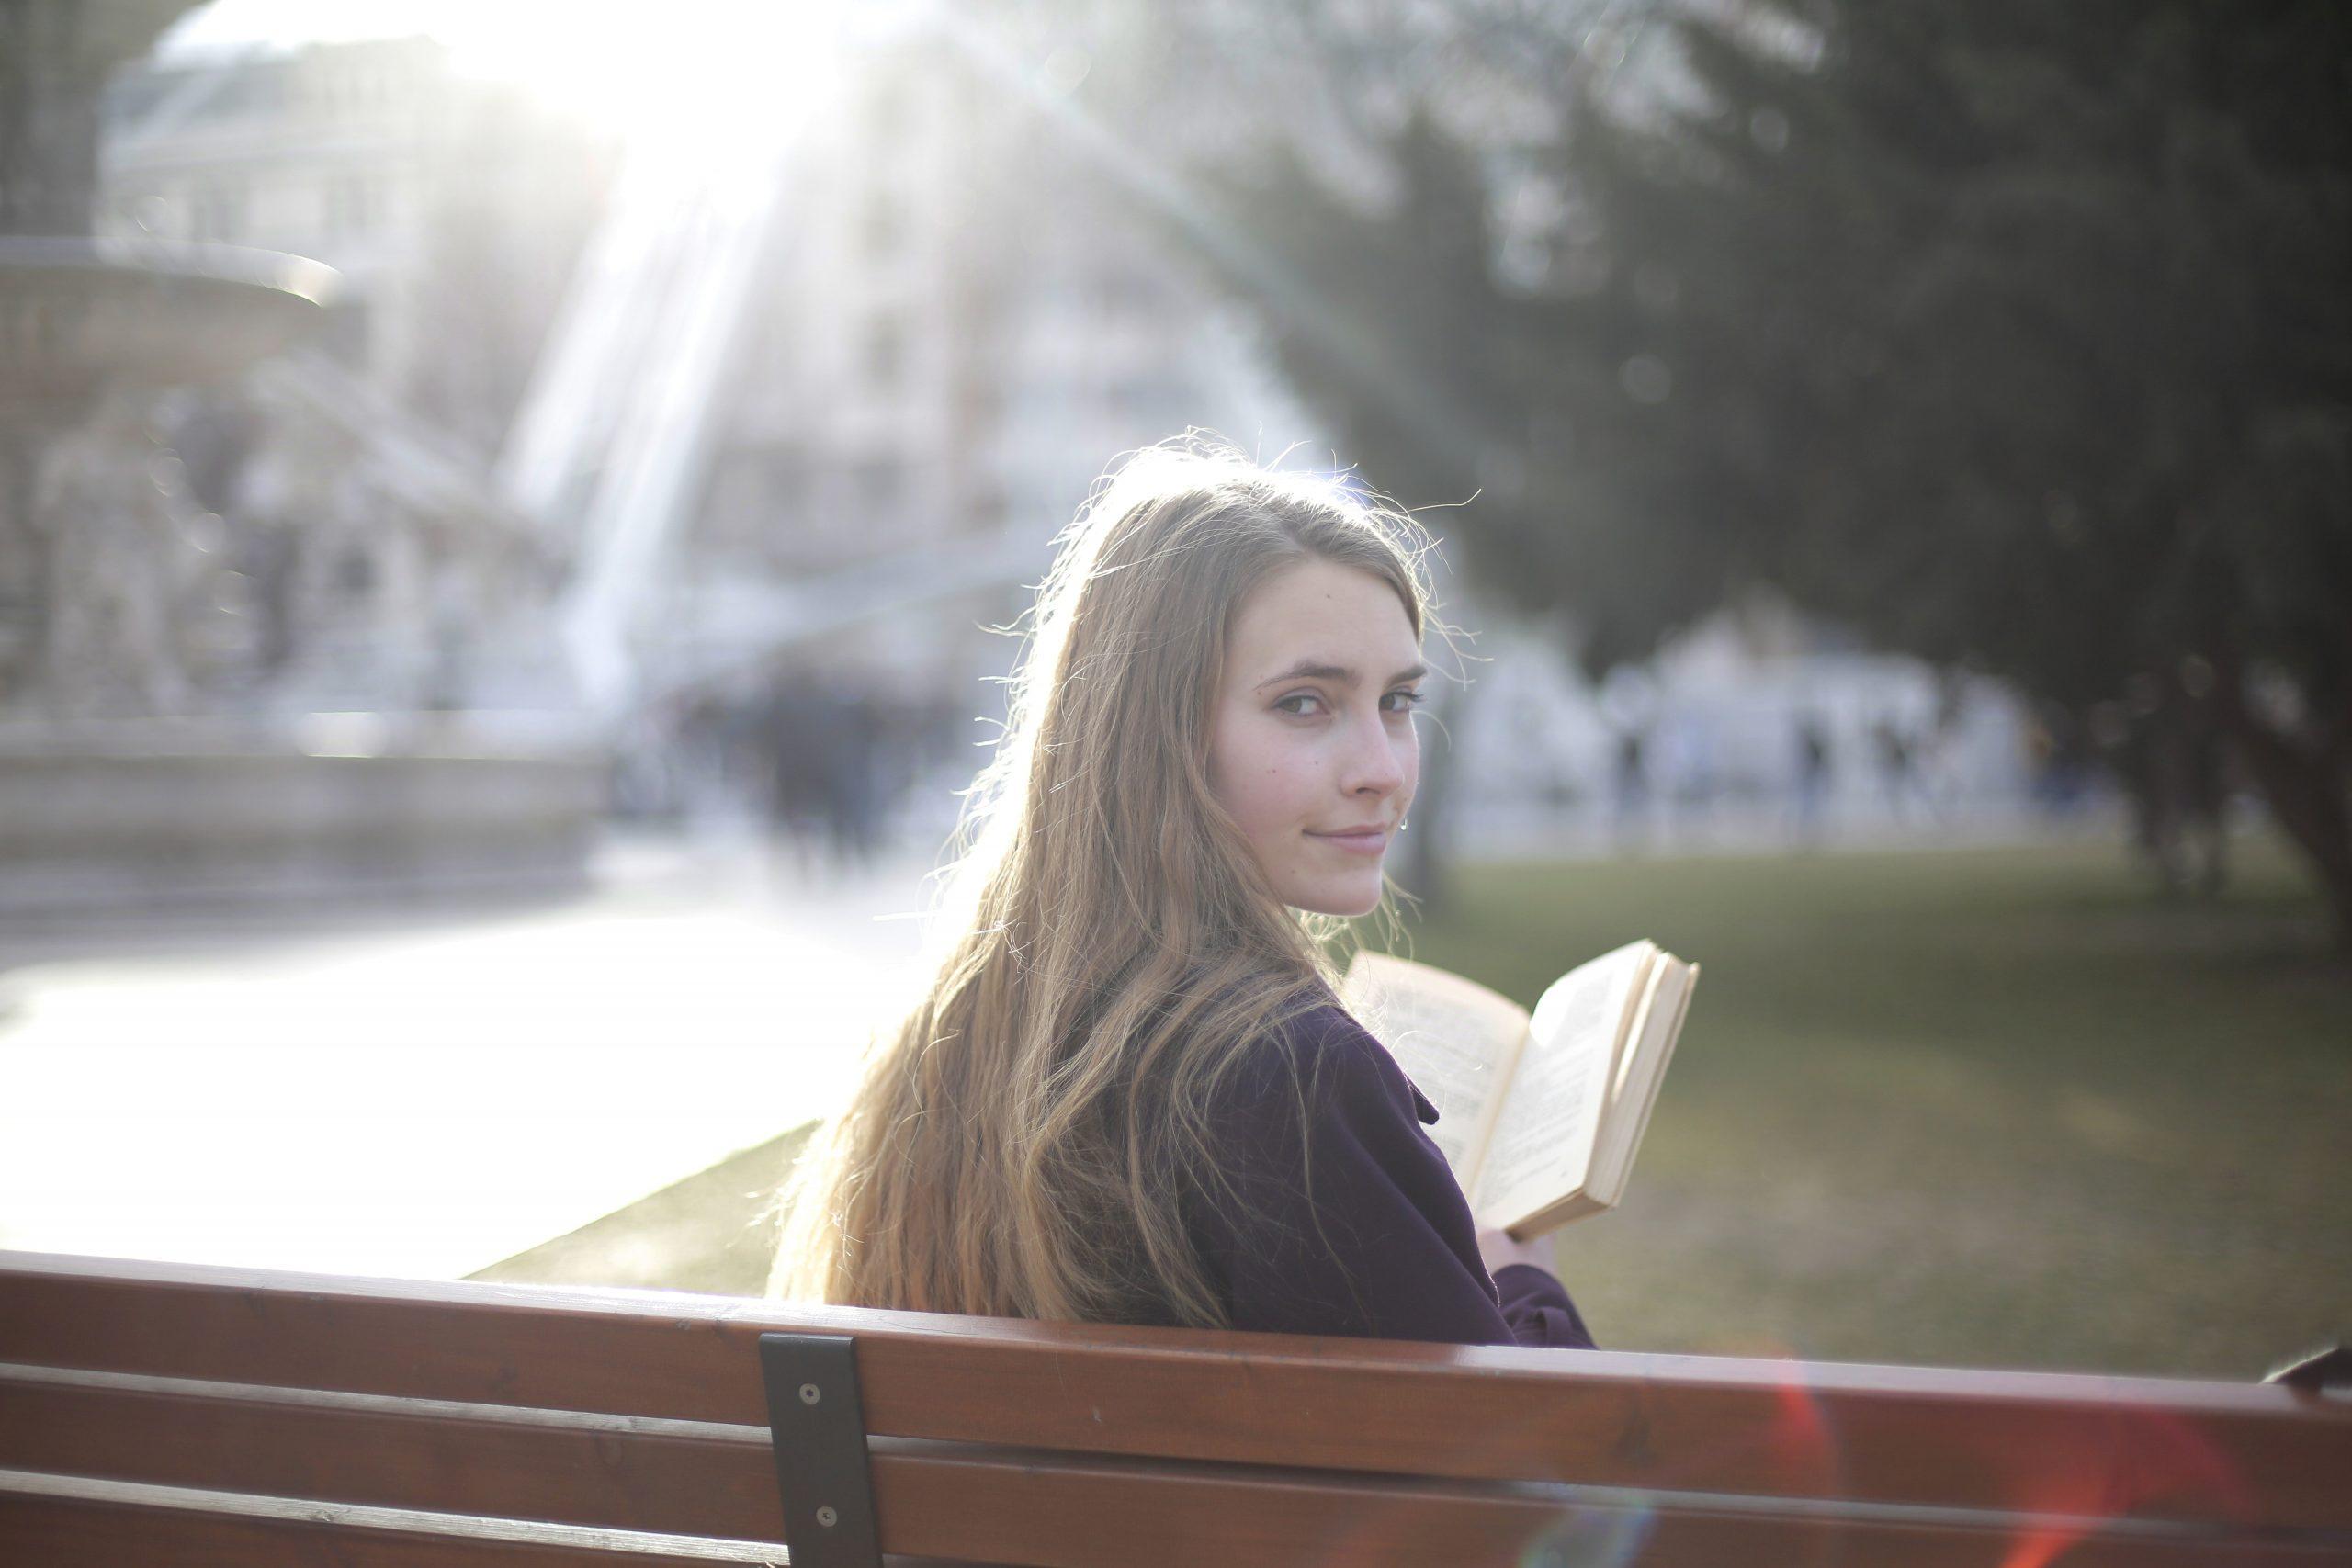 Studiranje u Austriji – kratak vodič za strane studente u Austriji